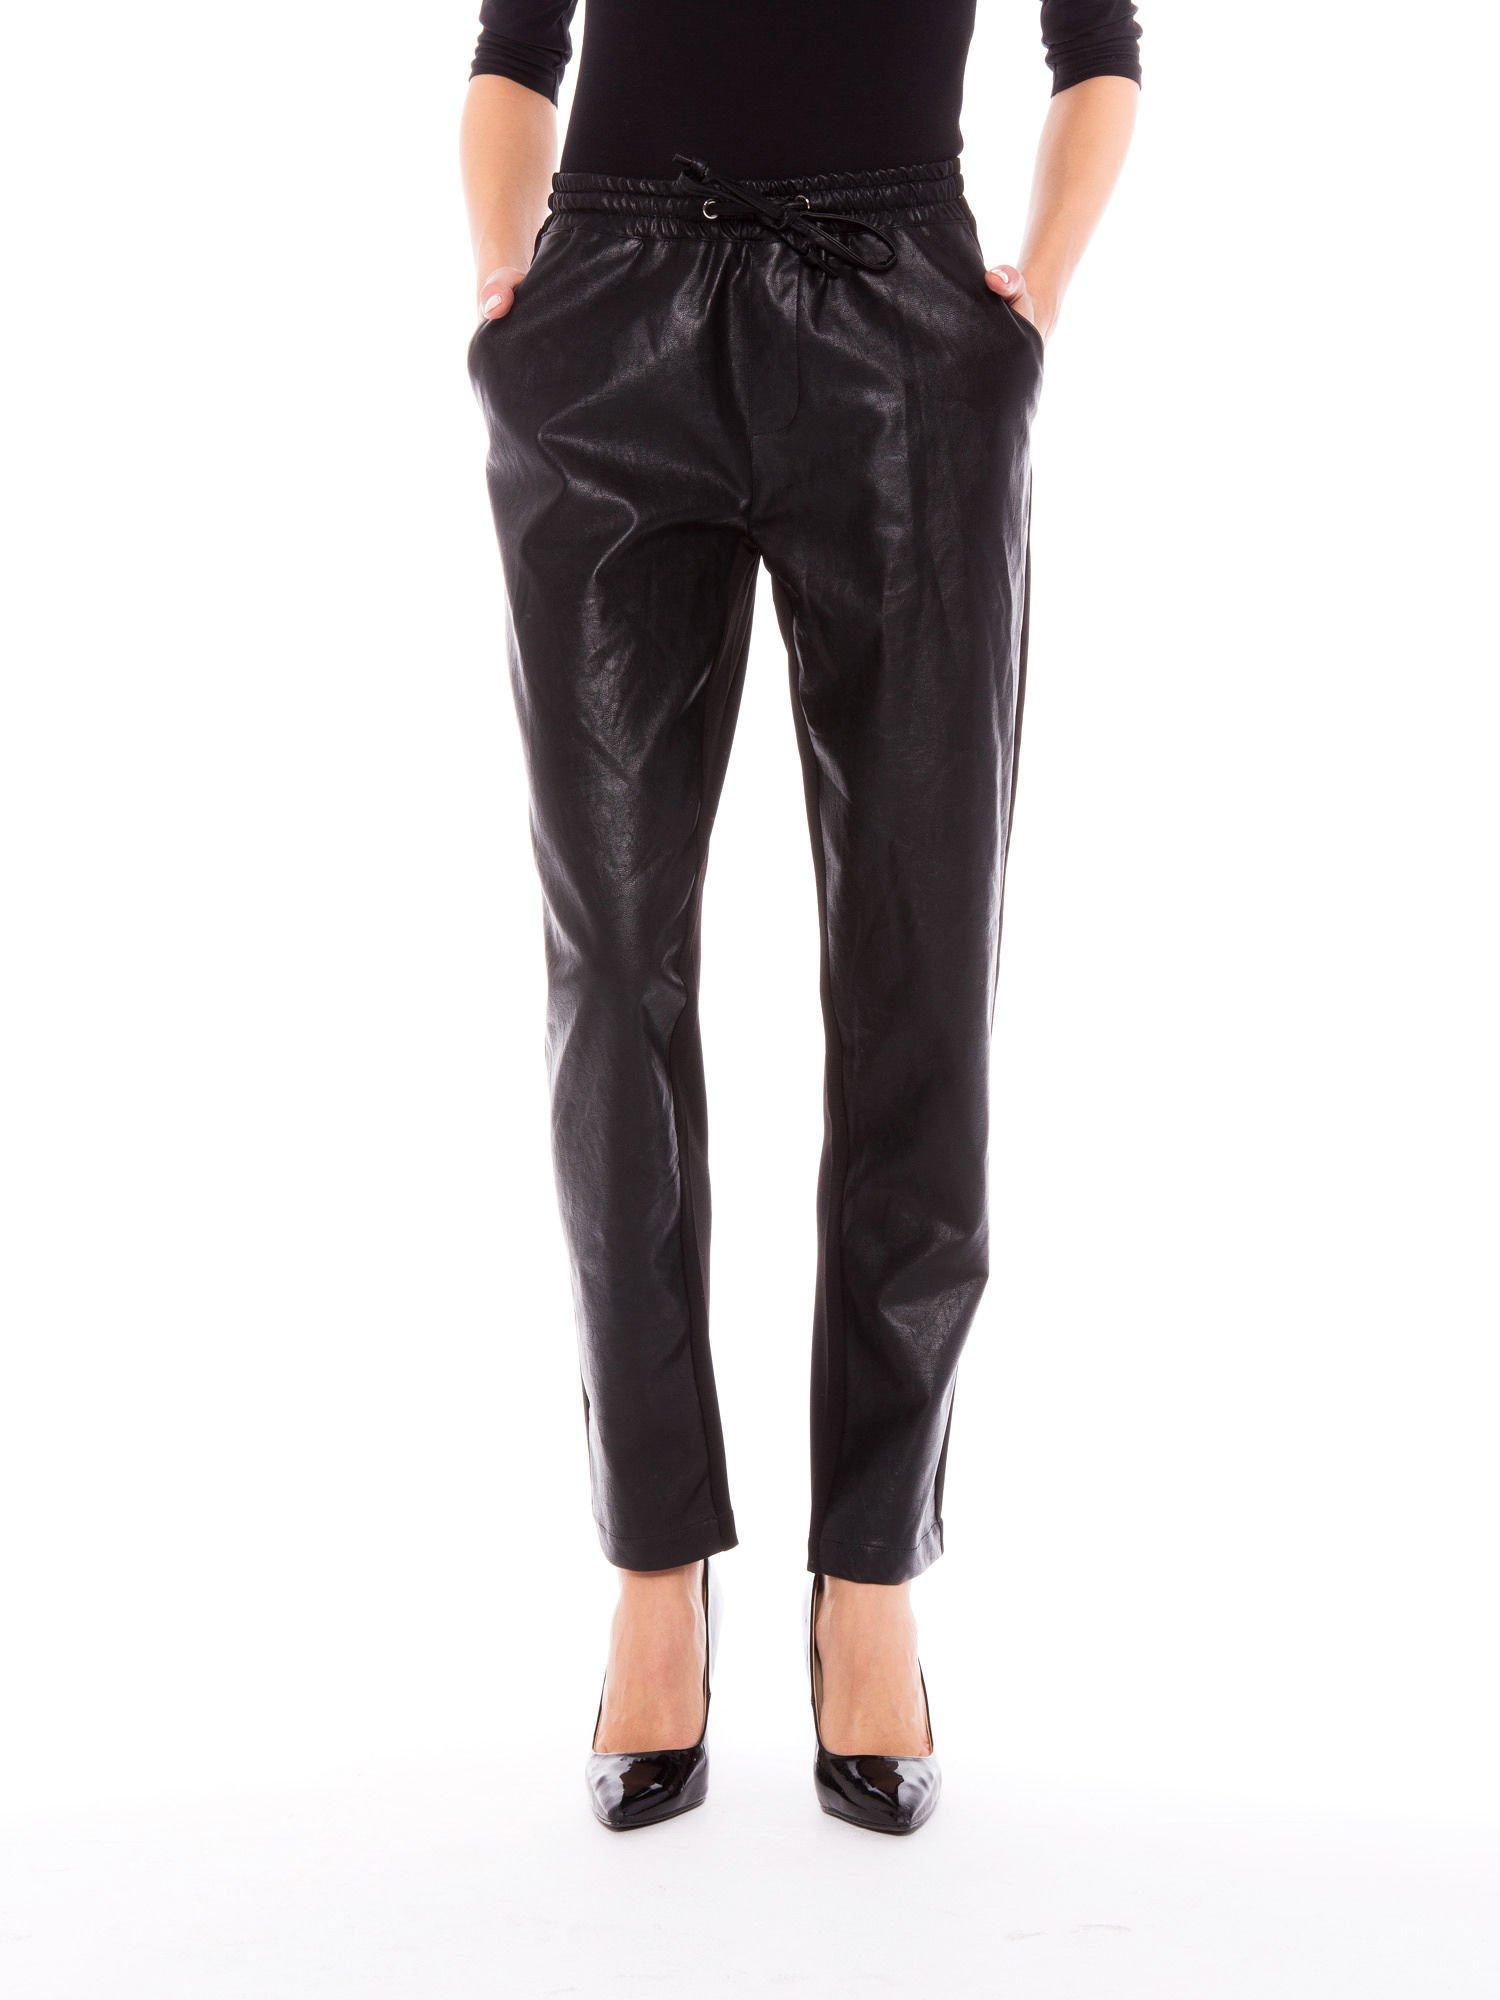 Czarne spodnie dresowe damskie ze skórzanym przodem                                  zdj.                                  1